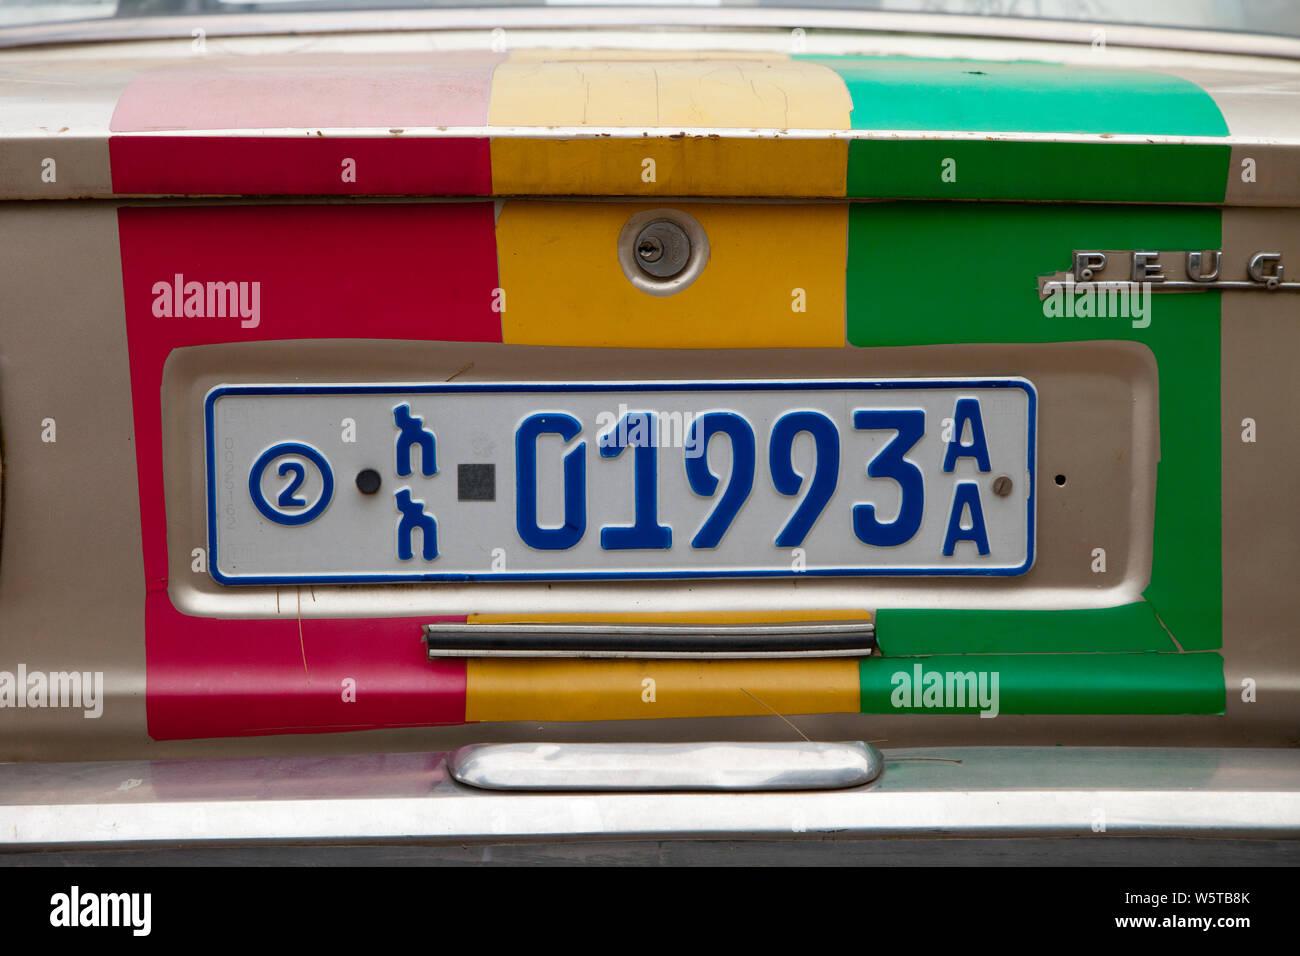 Matrícula de coche, Addis Abeba, Etiopia, África Foto de stock